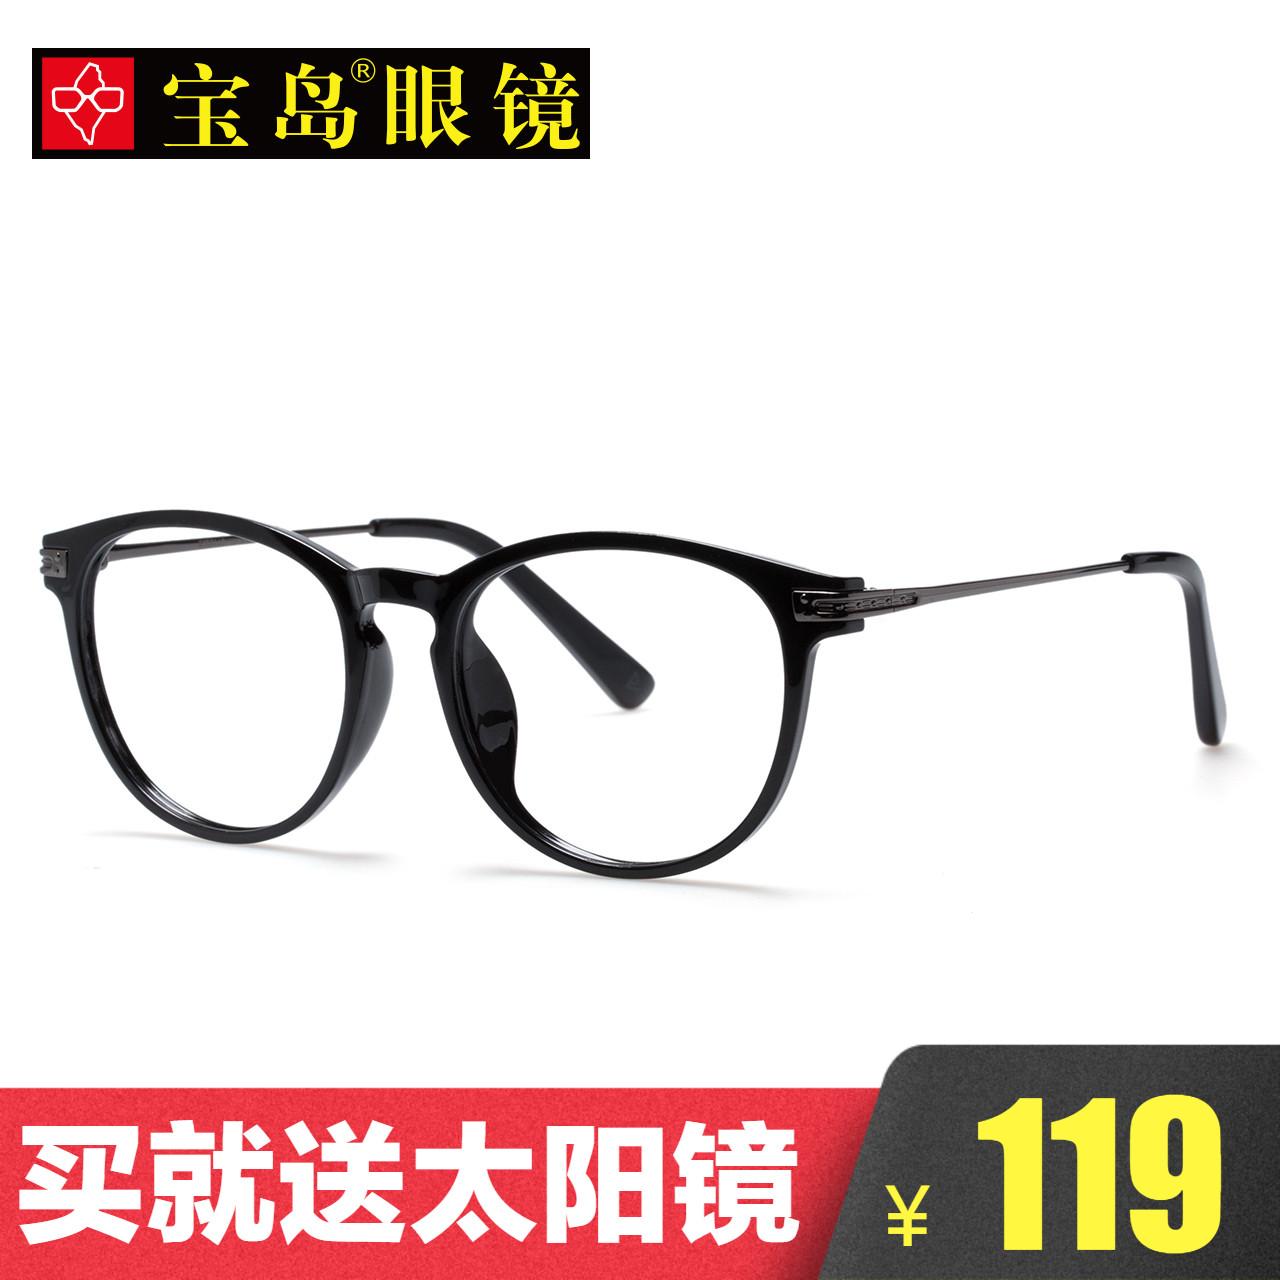 宝岛 防蓝光辐射手机护目平光镜男女无度数大框平面眼镜 目戏0216